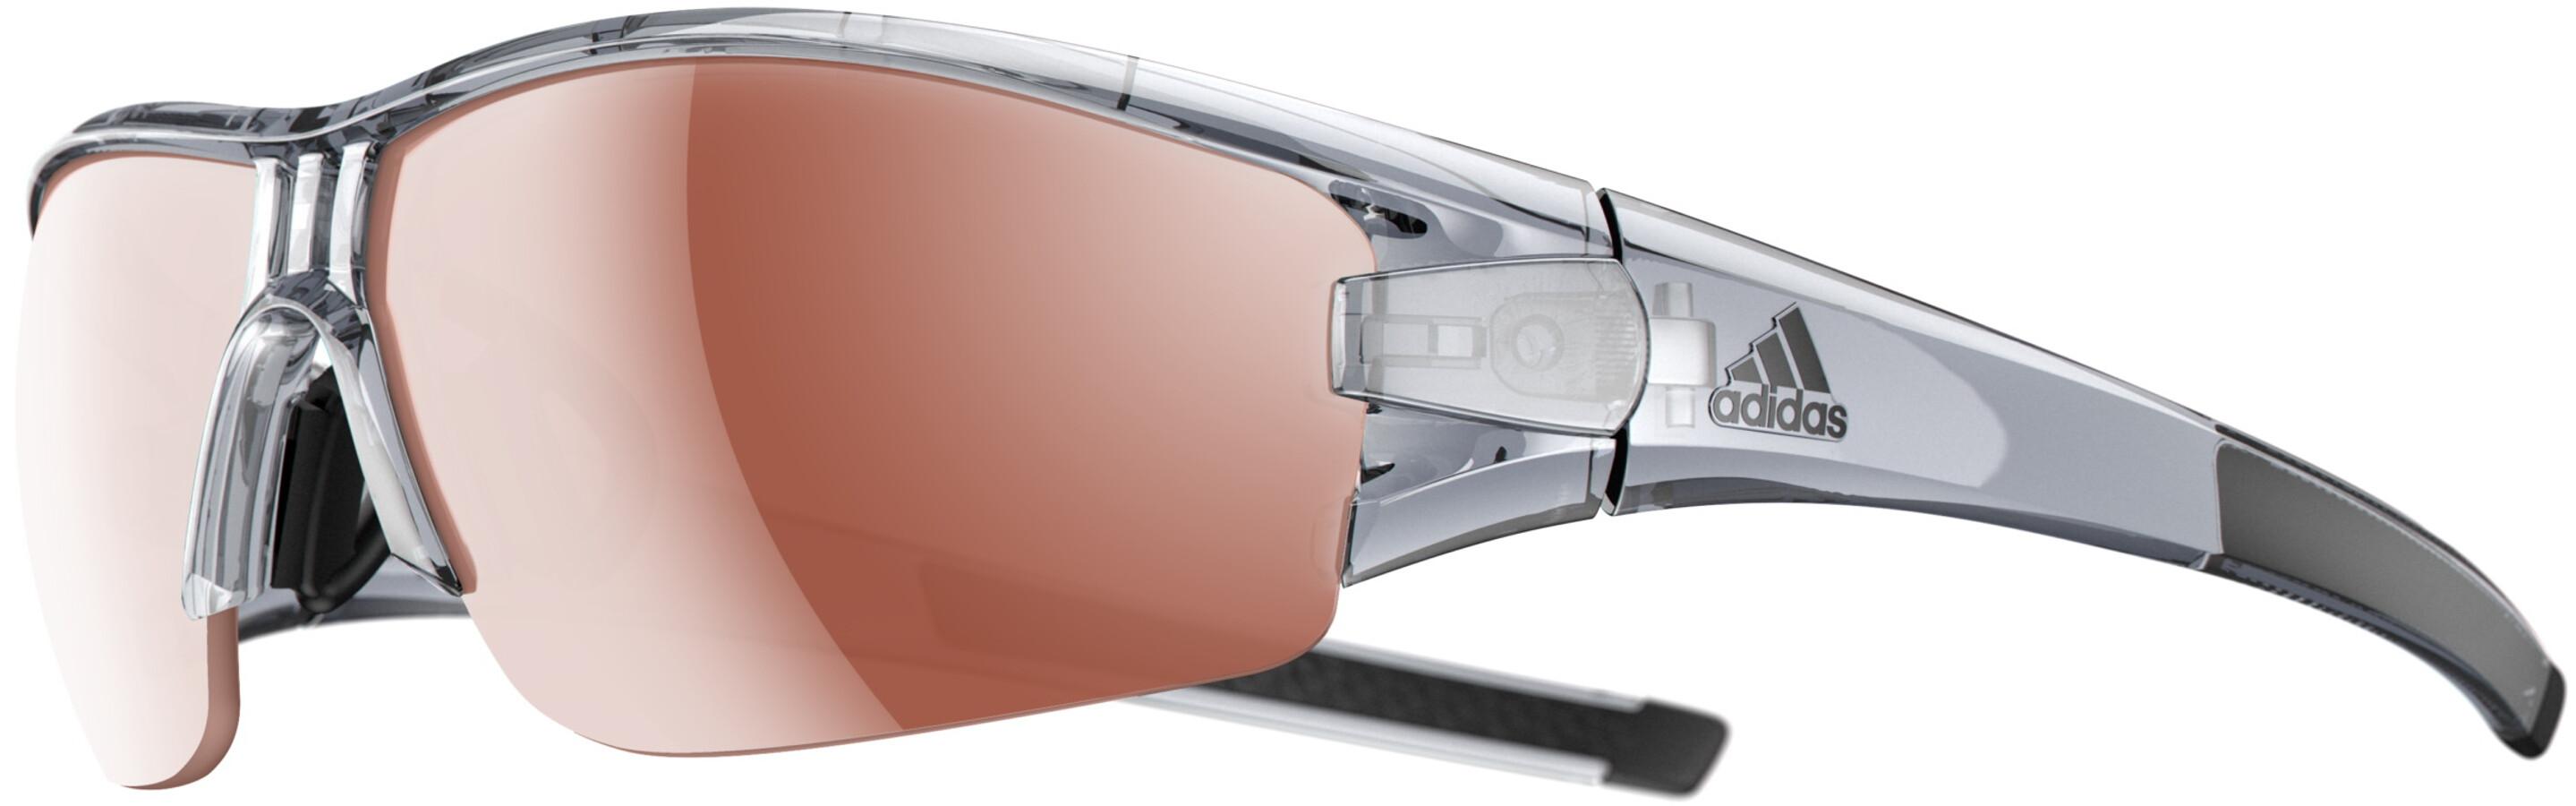 3a12ac91a8a adidas Evil Eye Halfrim - Lunettes cyclisme - gris marron - Boutique ...